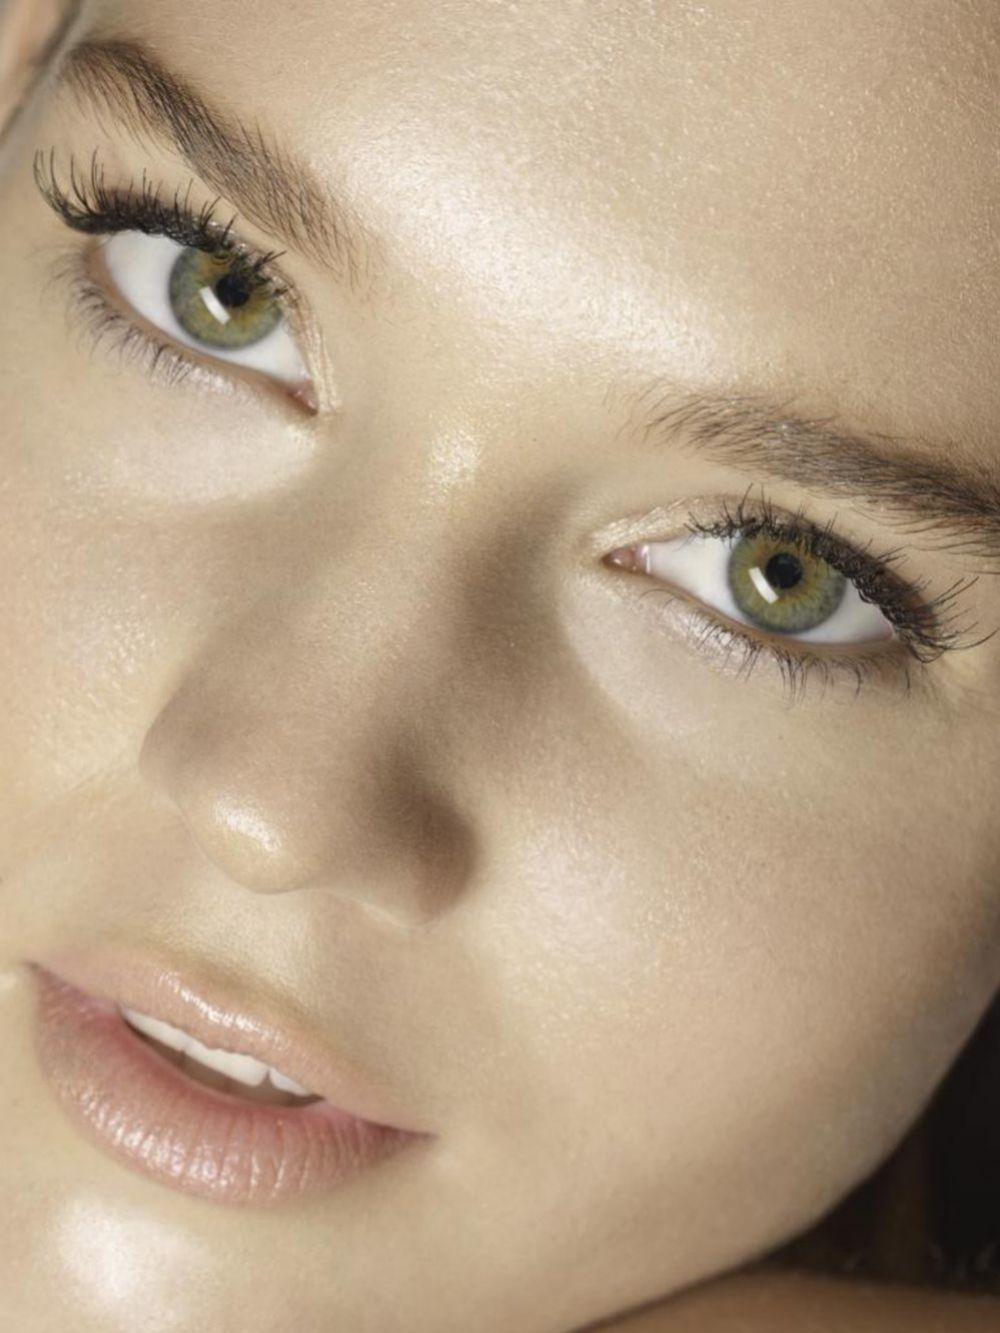 La vitamina C combate las manchas, aclara la piel y le da un aspecto más luminoso.